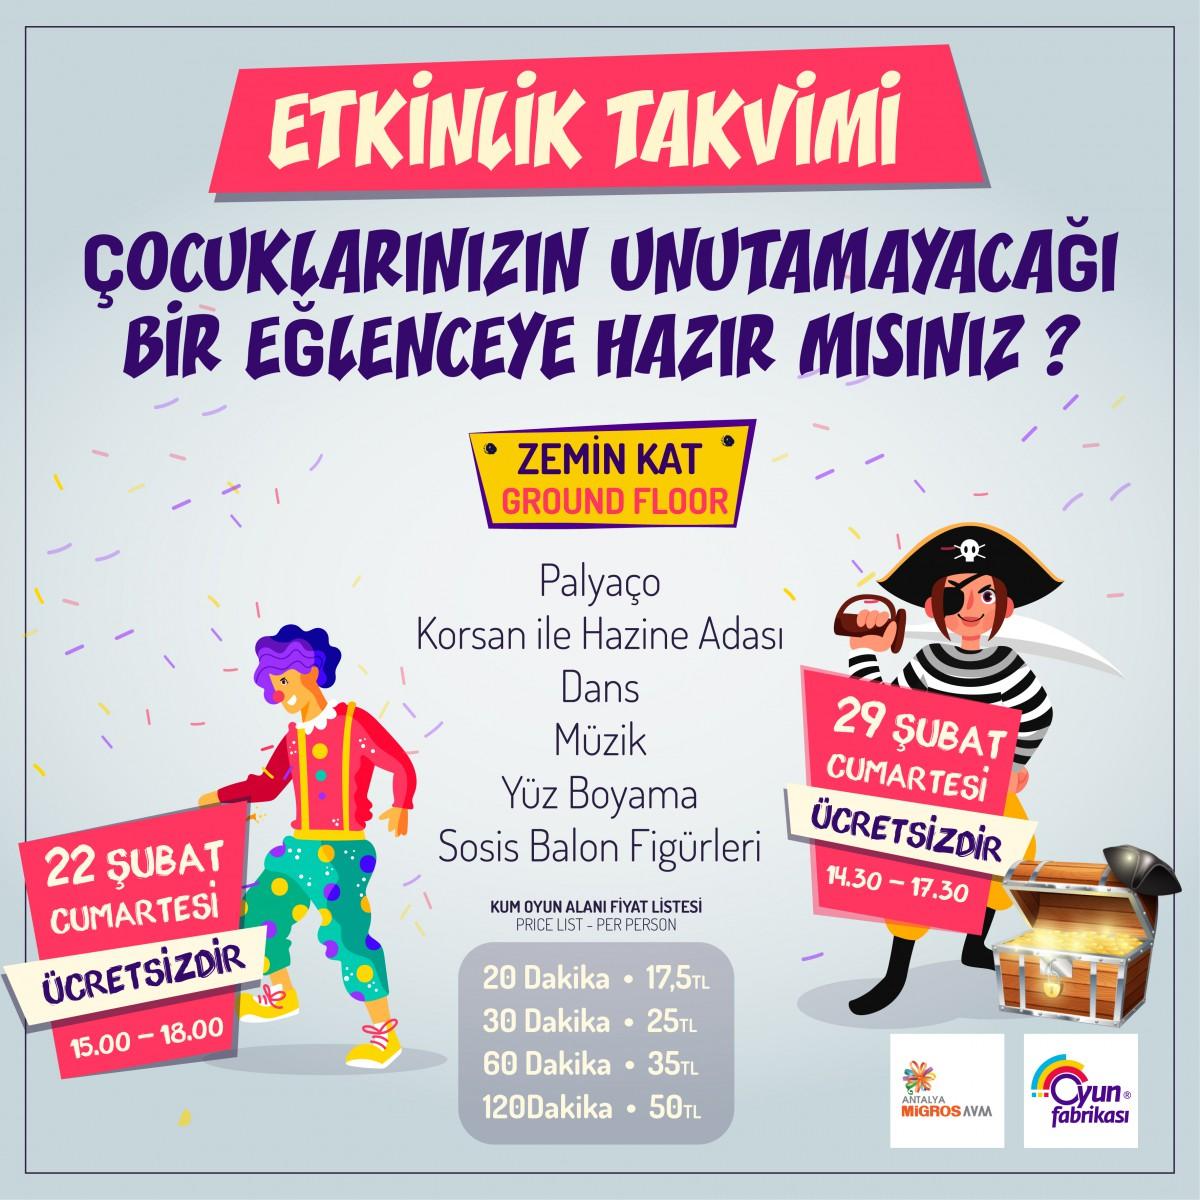 Antalya Migros AVM Oyun Fabrikası Etkinliği